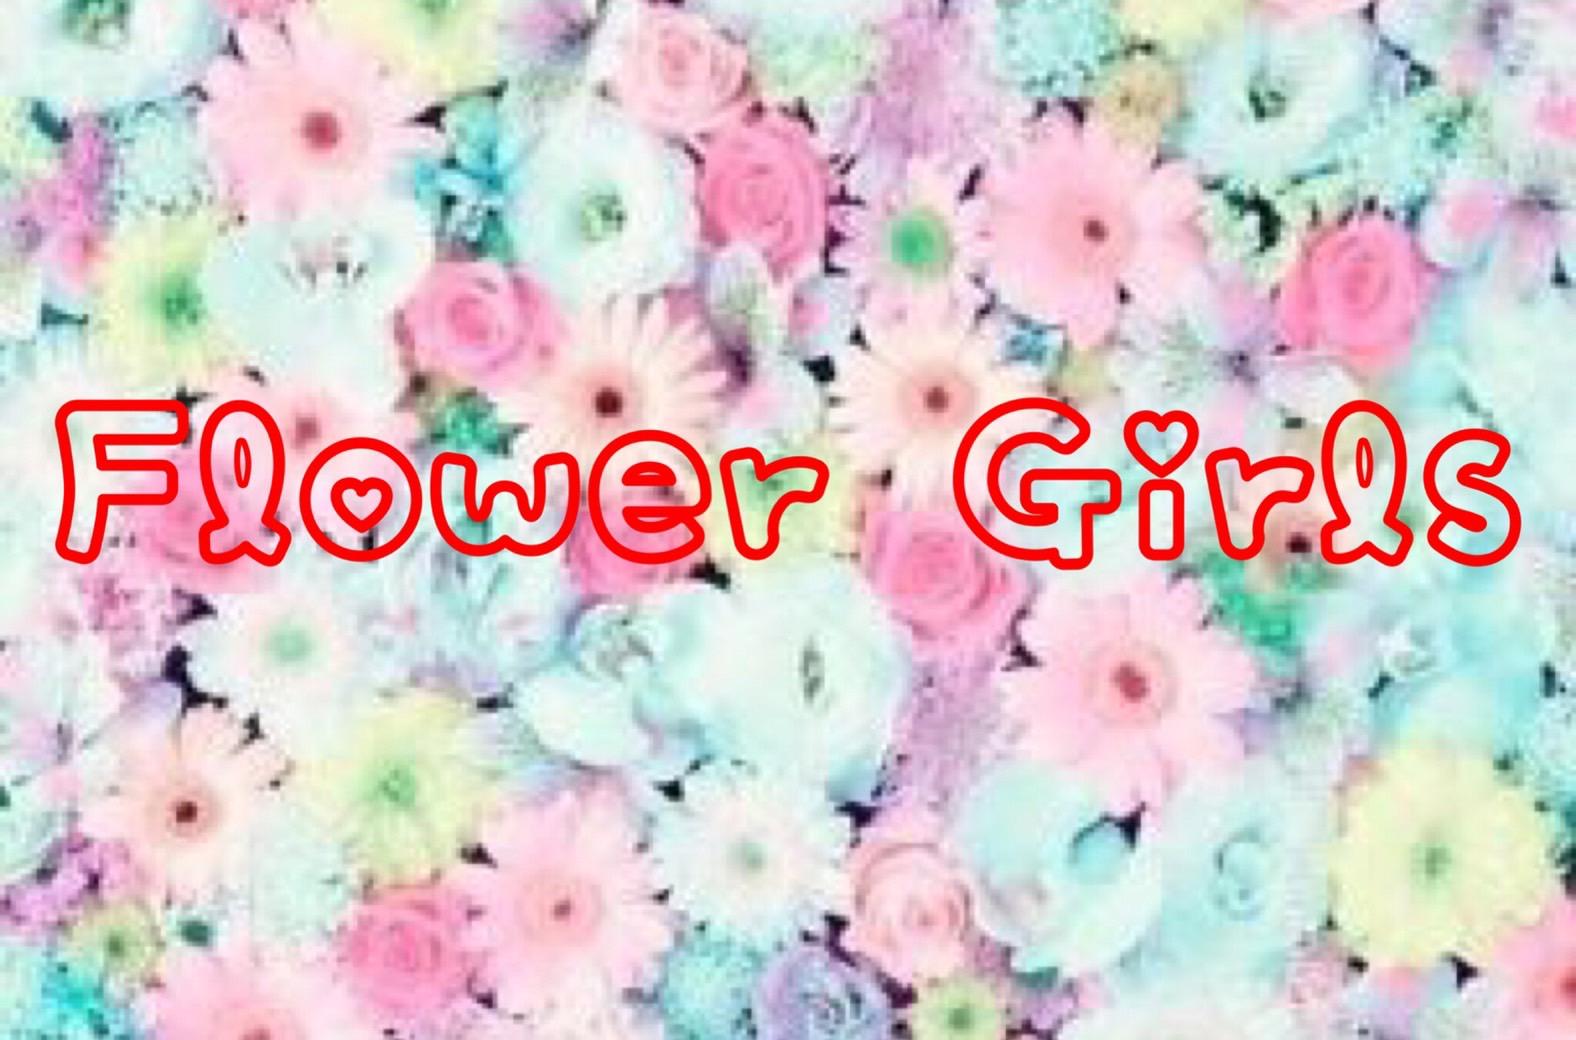 オーディション 新規アイドルチーム「フラワーガールズ(千葉)」1期生募集 千葉県の花をテーマにしたアイドルチーム 主催:有限会社EAST HOUSE、カテゴリ:アイドル(正統派)